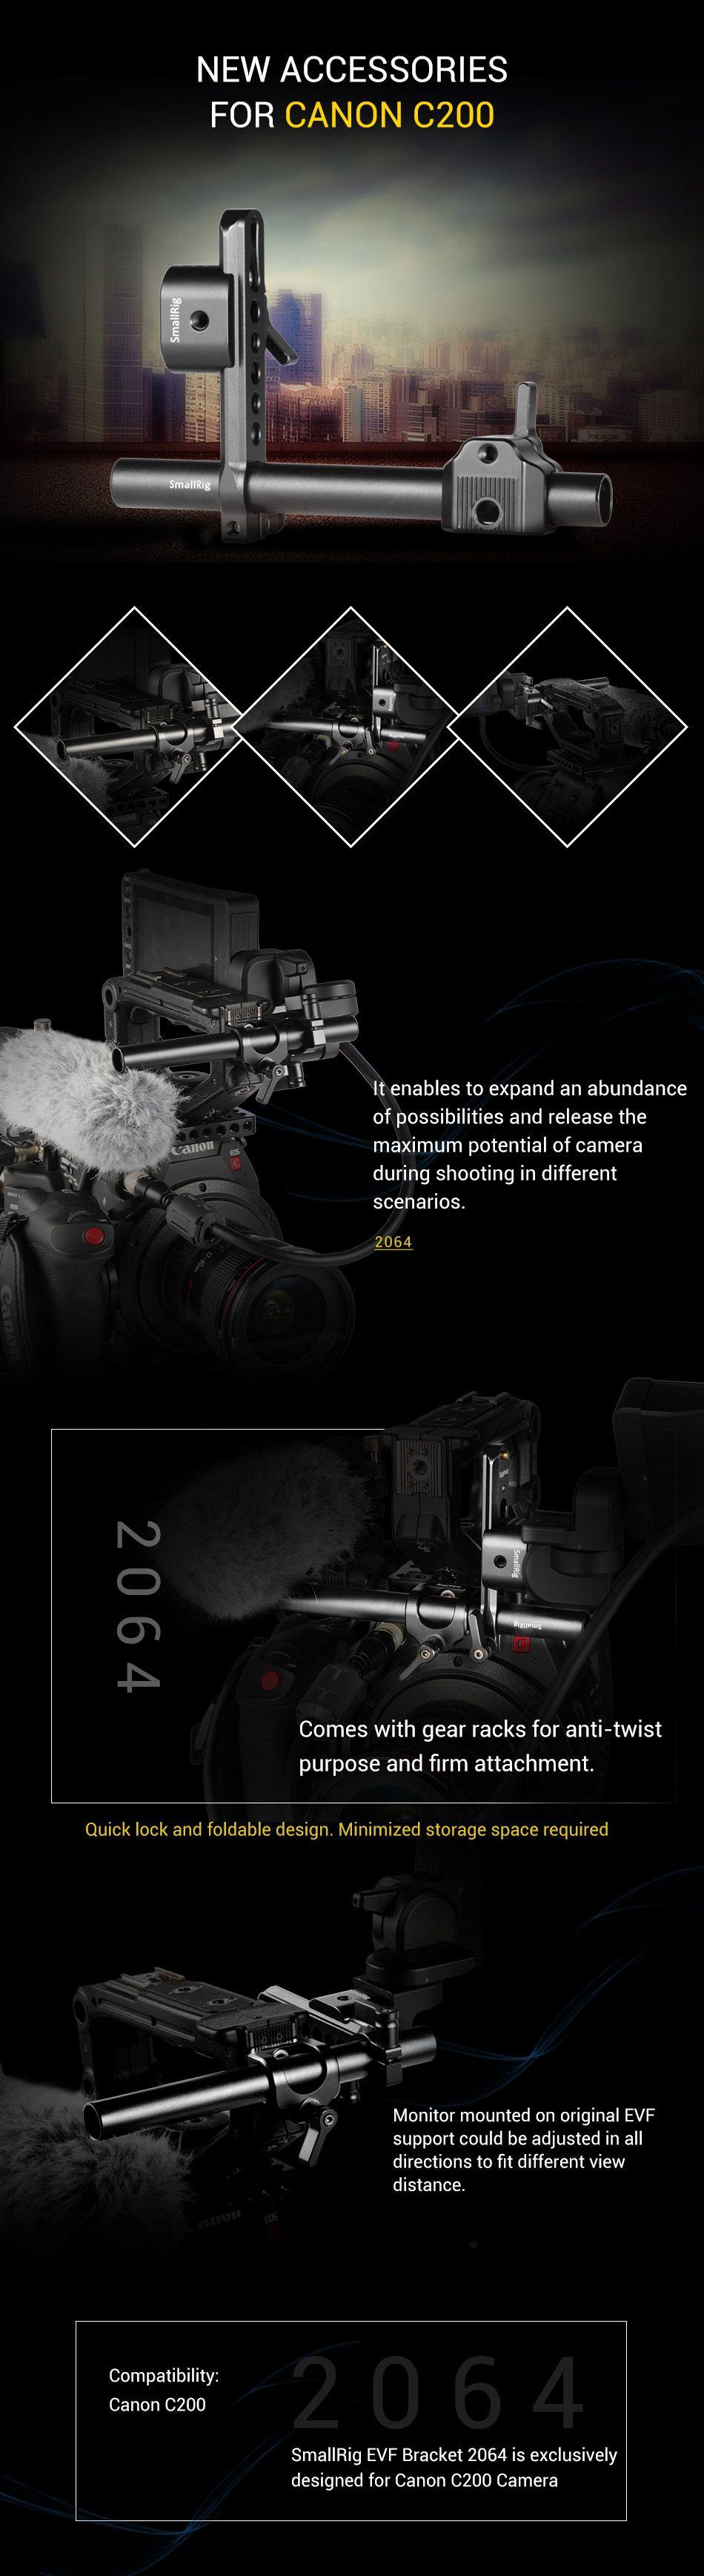 EVF Bracket for Canon C200 Camera 2064 | Canon C100/C200/C300/C300